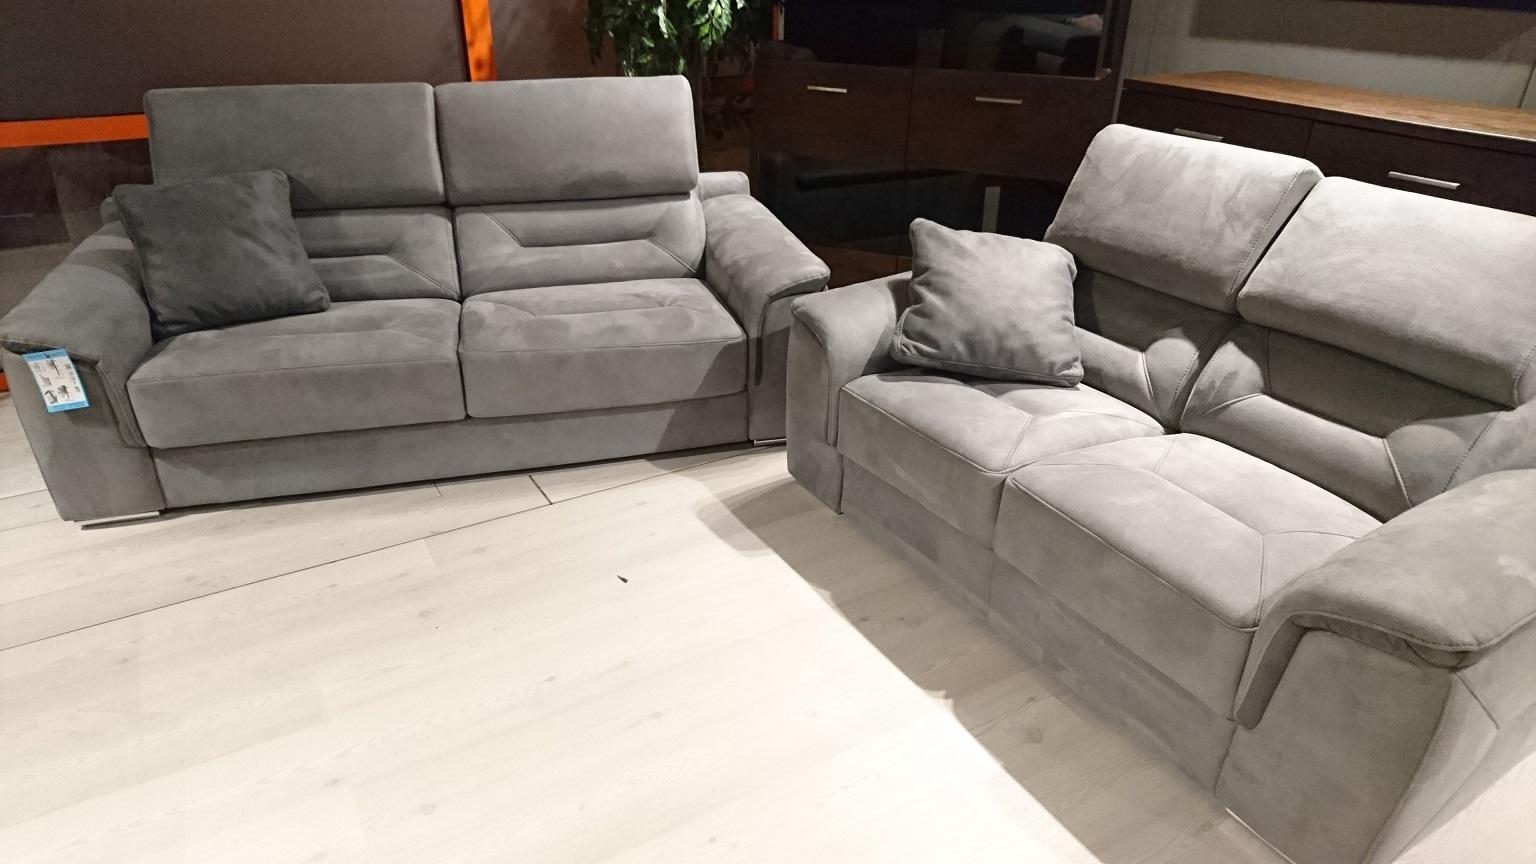 BEAUMONT EMMOHL Warszawa Meble STUDIO KOMFORT sofa 3 rozkładana z funkcją spania + sofa 2 tkanina DAKOTA 6